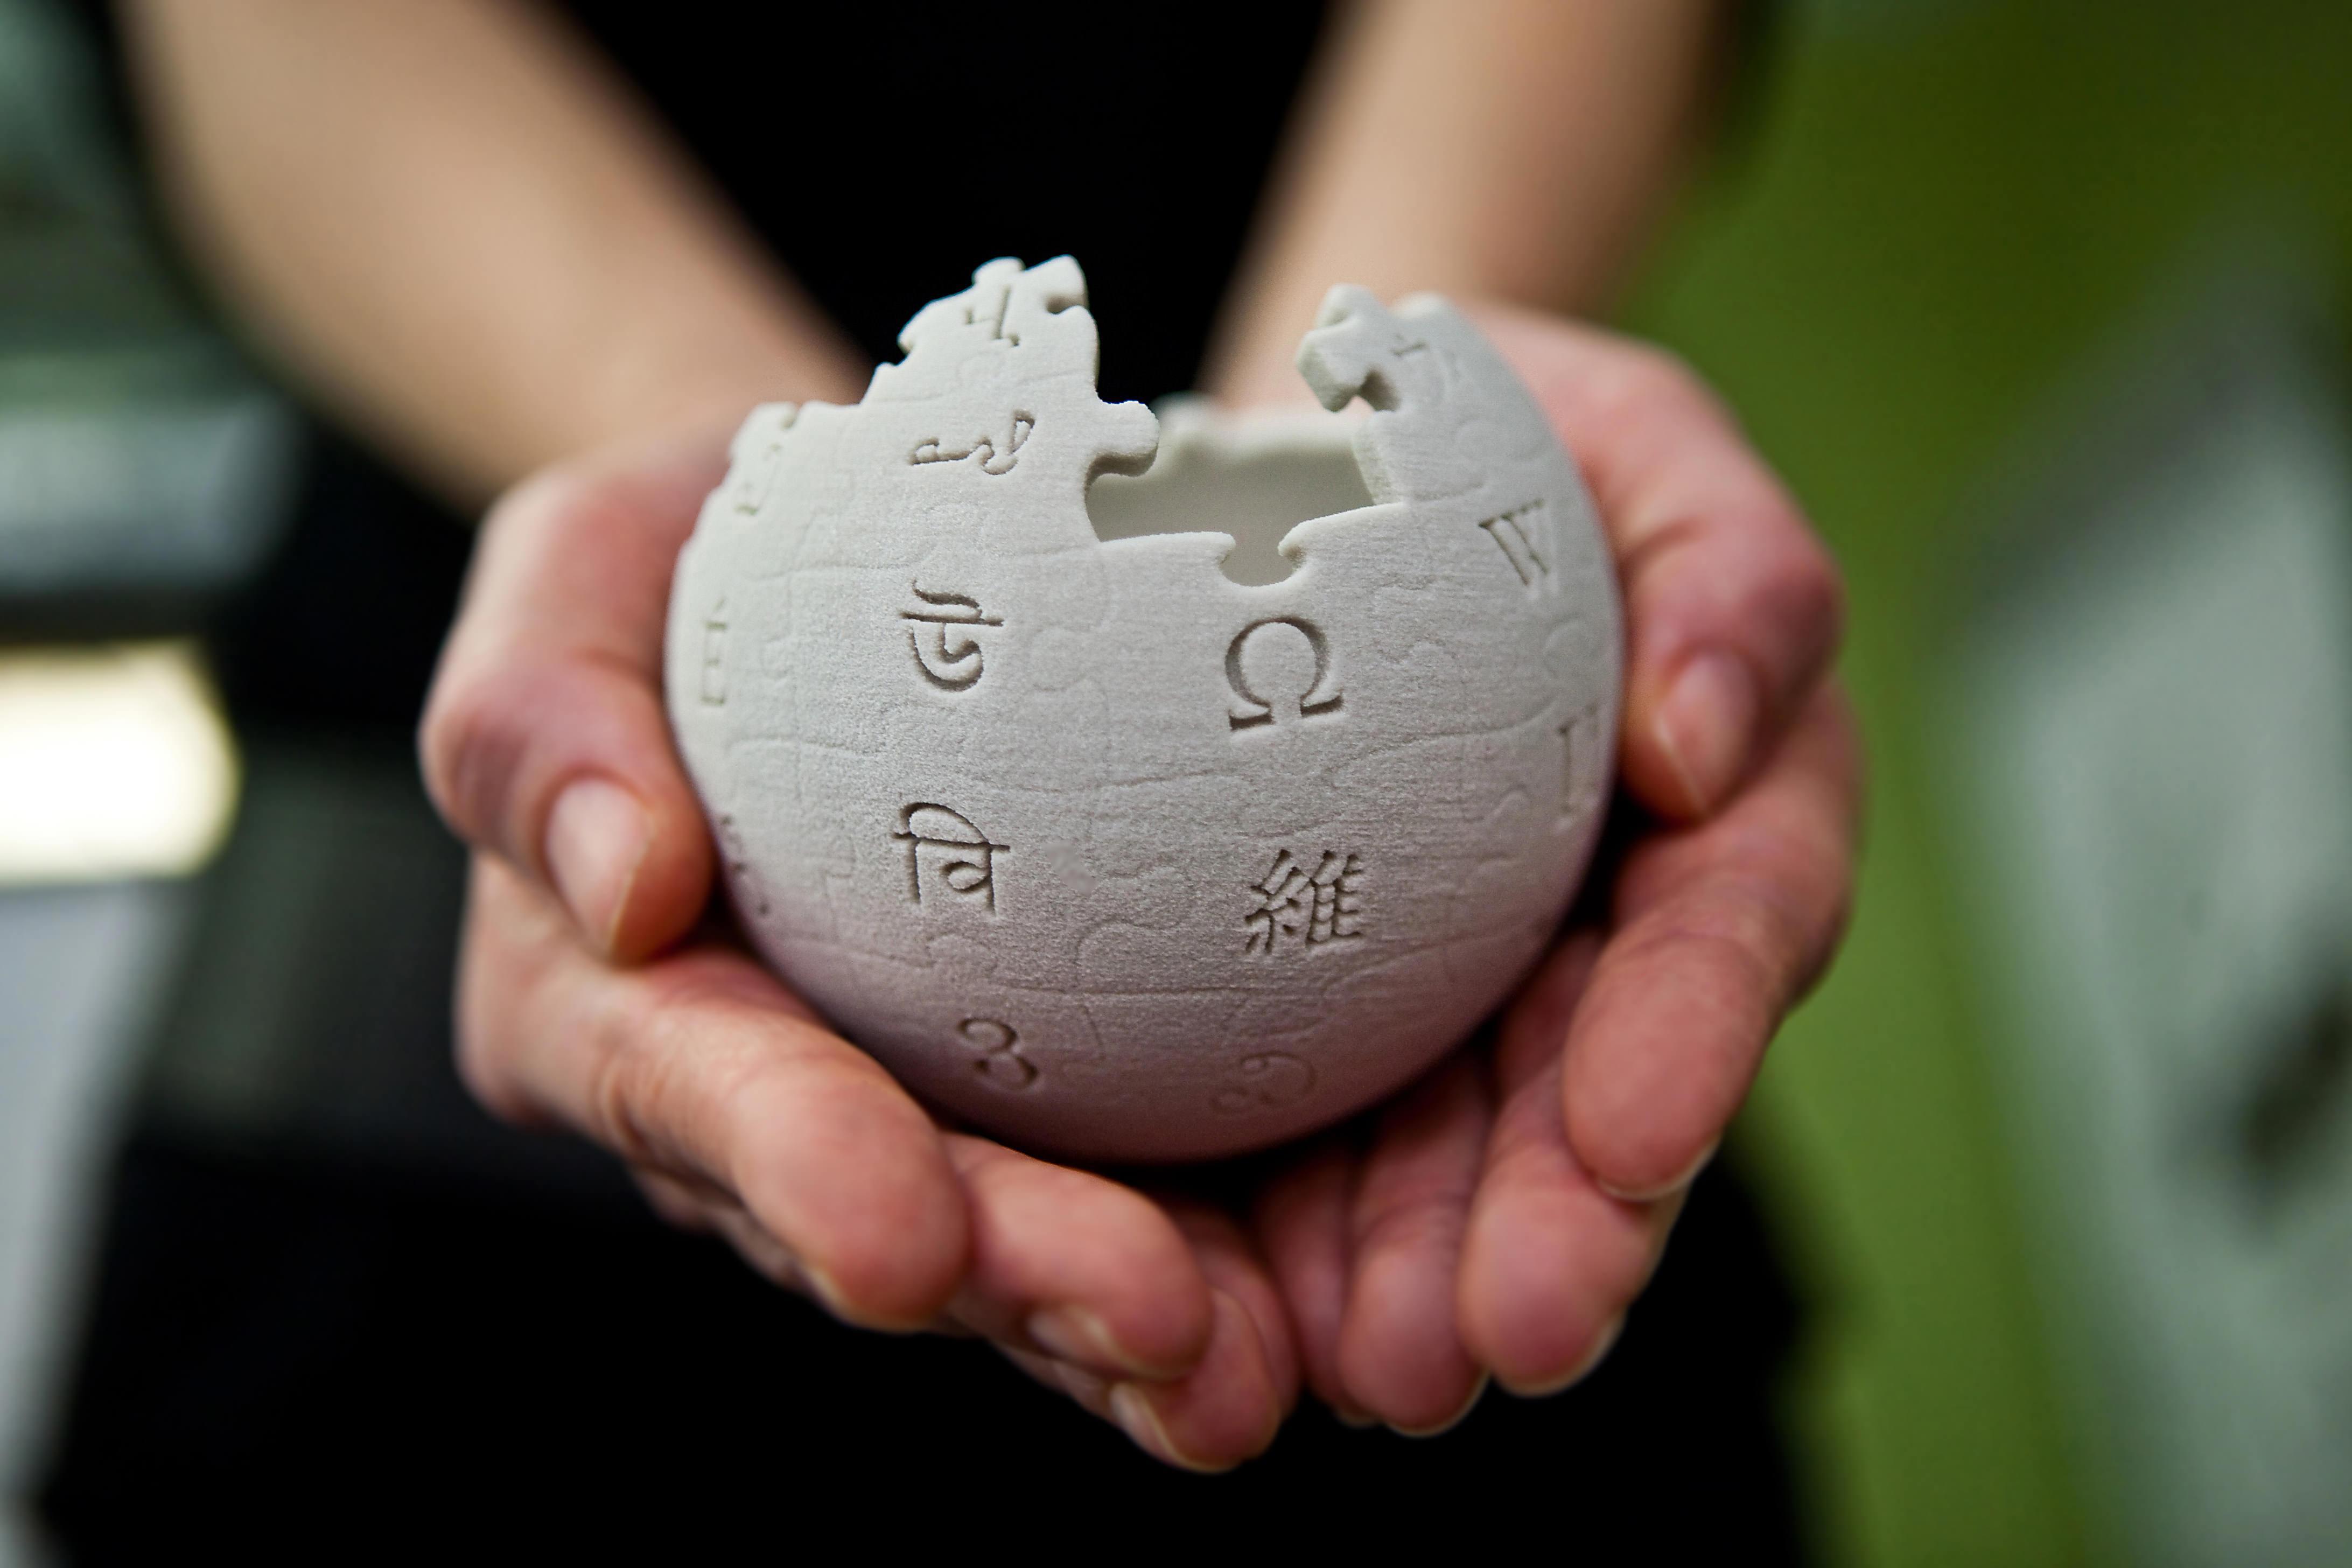 Los afganos ya cuentan con acceso gratuito a Wikipedia a través del móvil